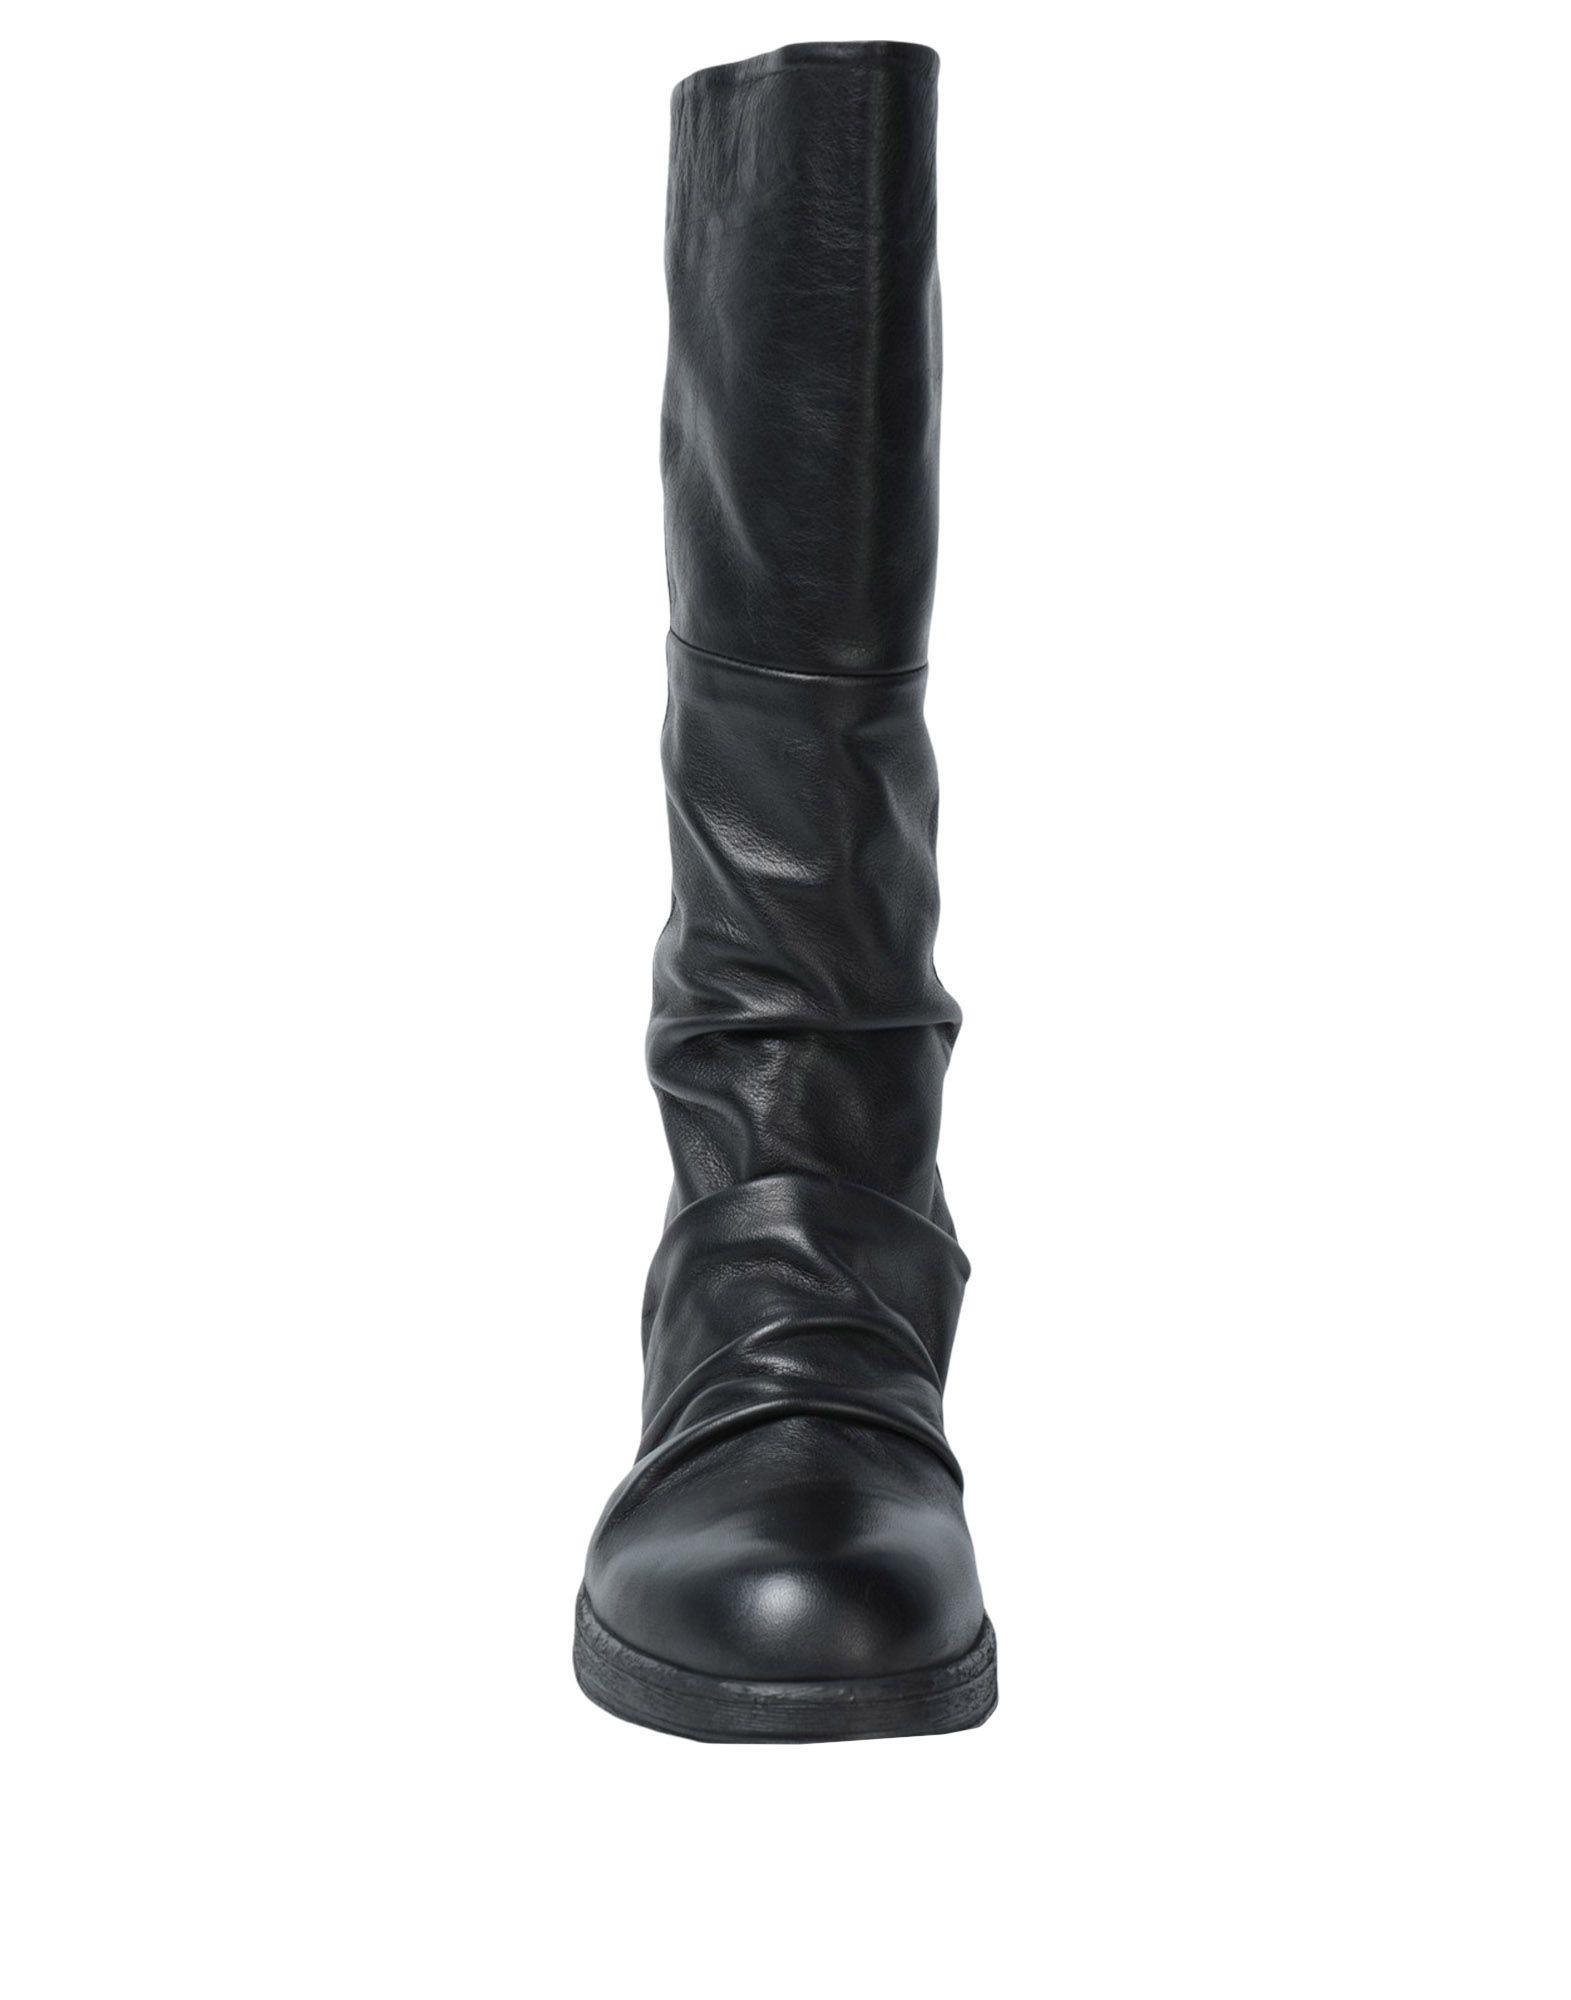 Get It Stiefel Schuhe Damen  11513302GA Neue Schuhe Stiefel 45e7c8